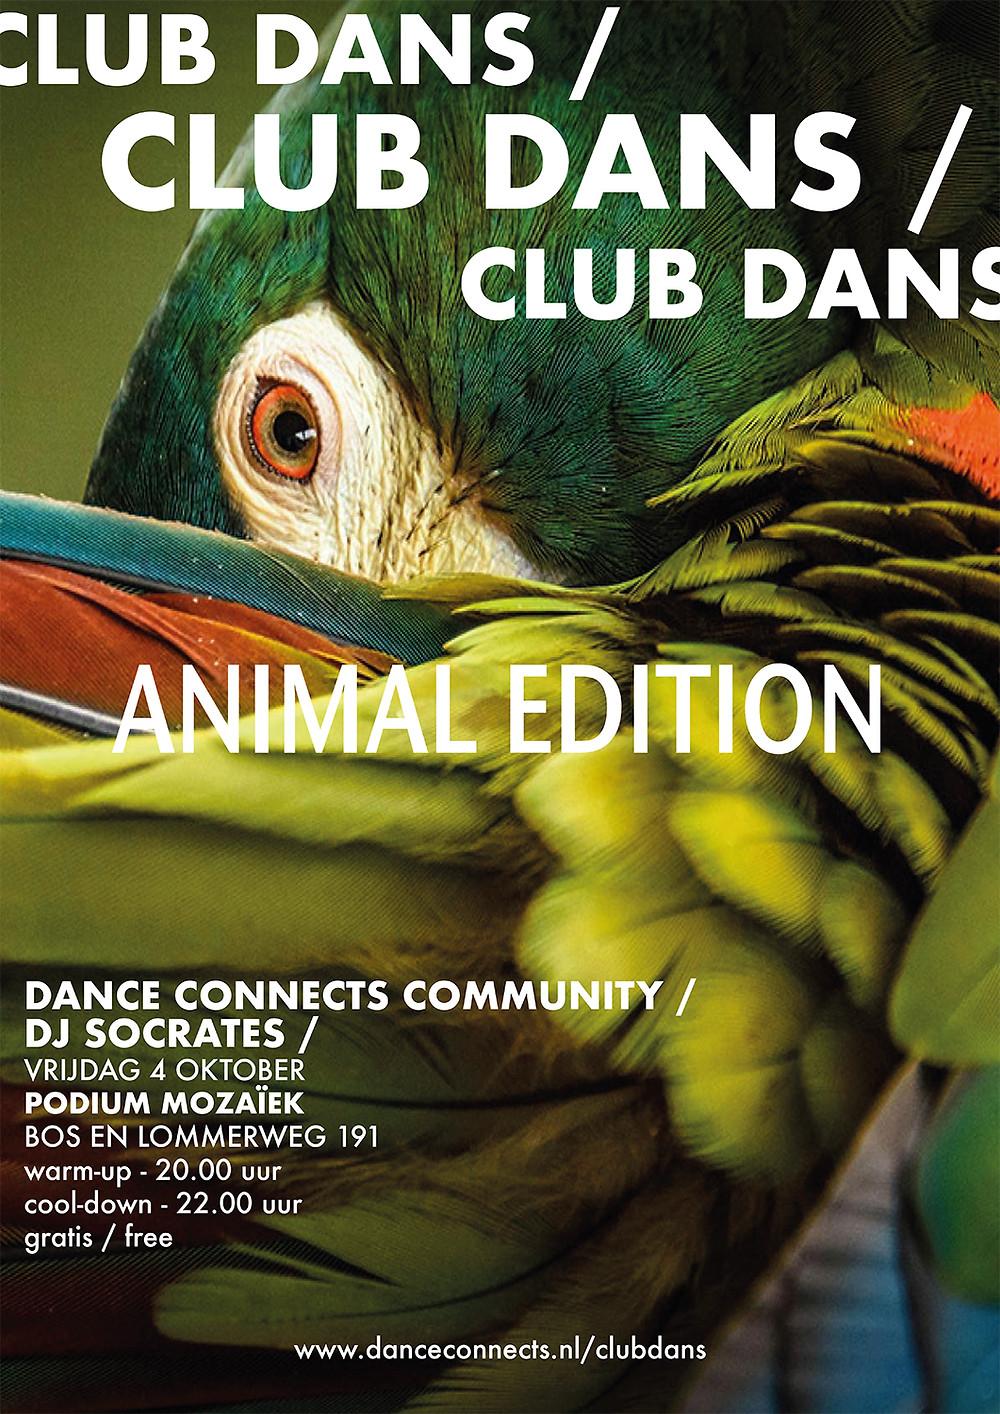 Club Dans Animal Edition Poster Vormgeving Marieke Josselet